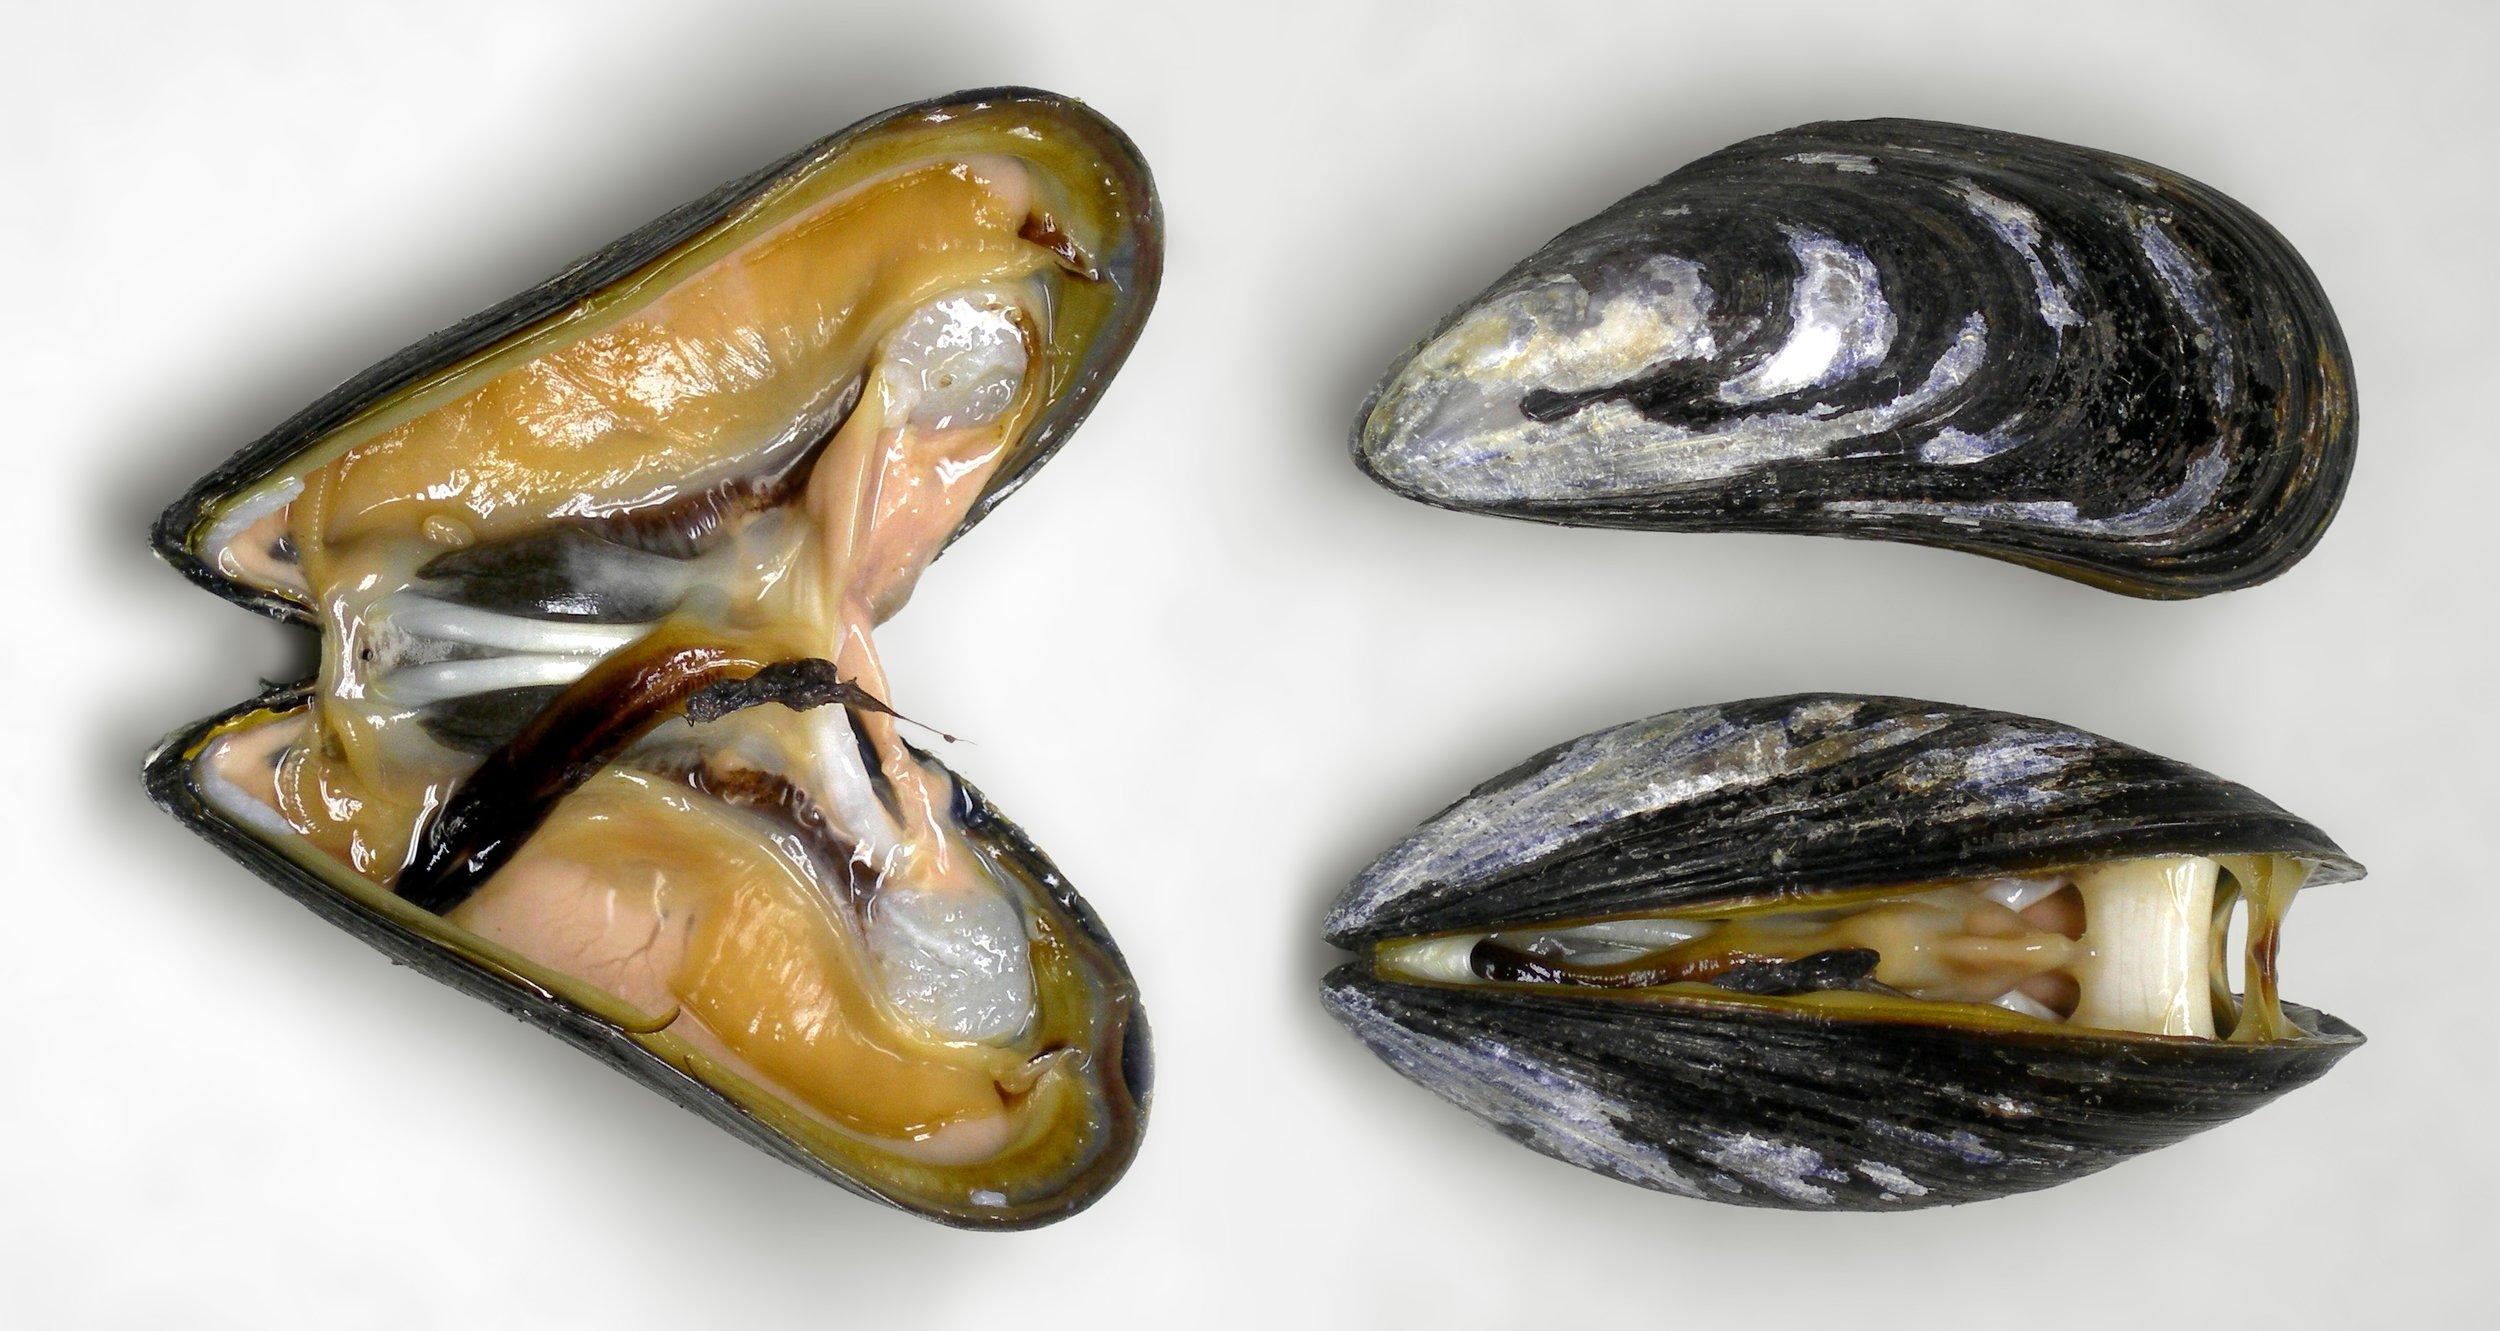 Miesmuscheln-2.jpg